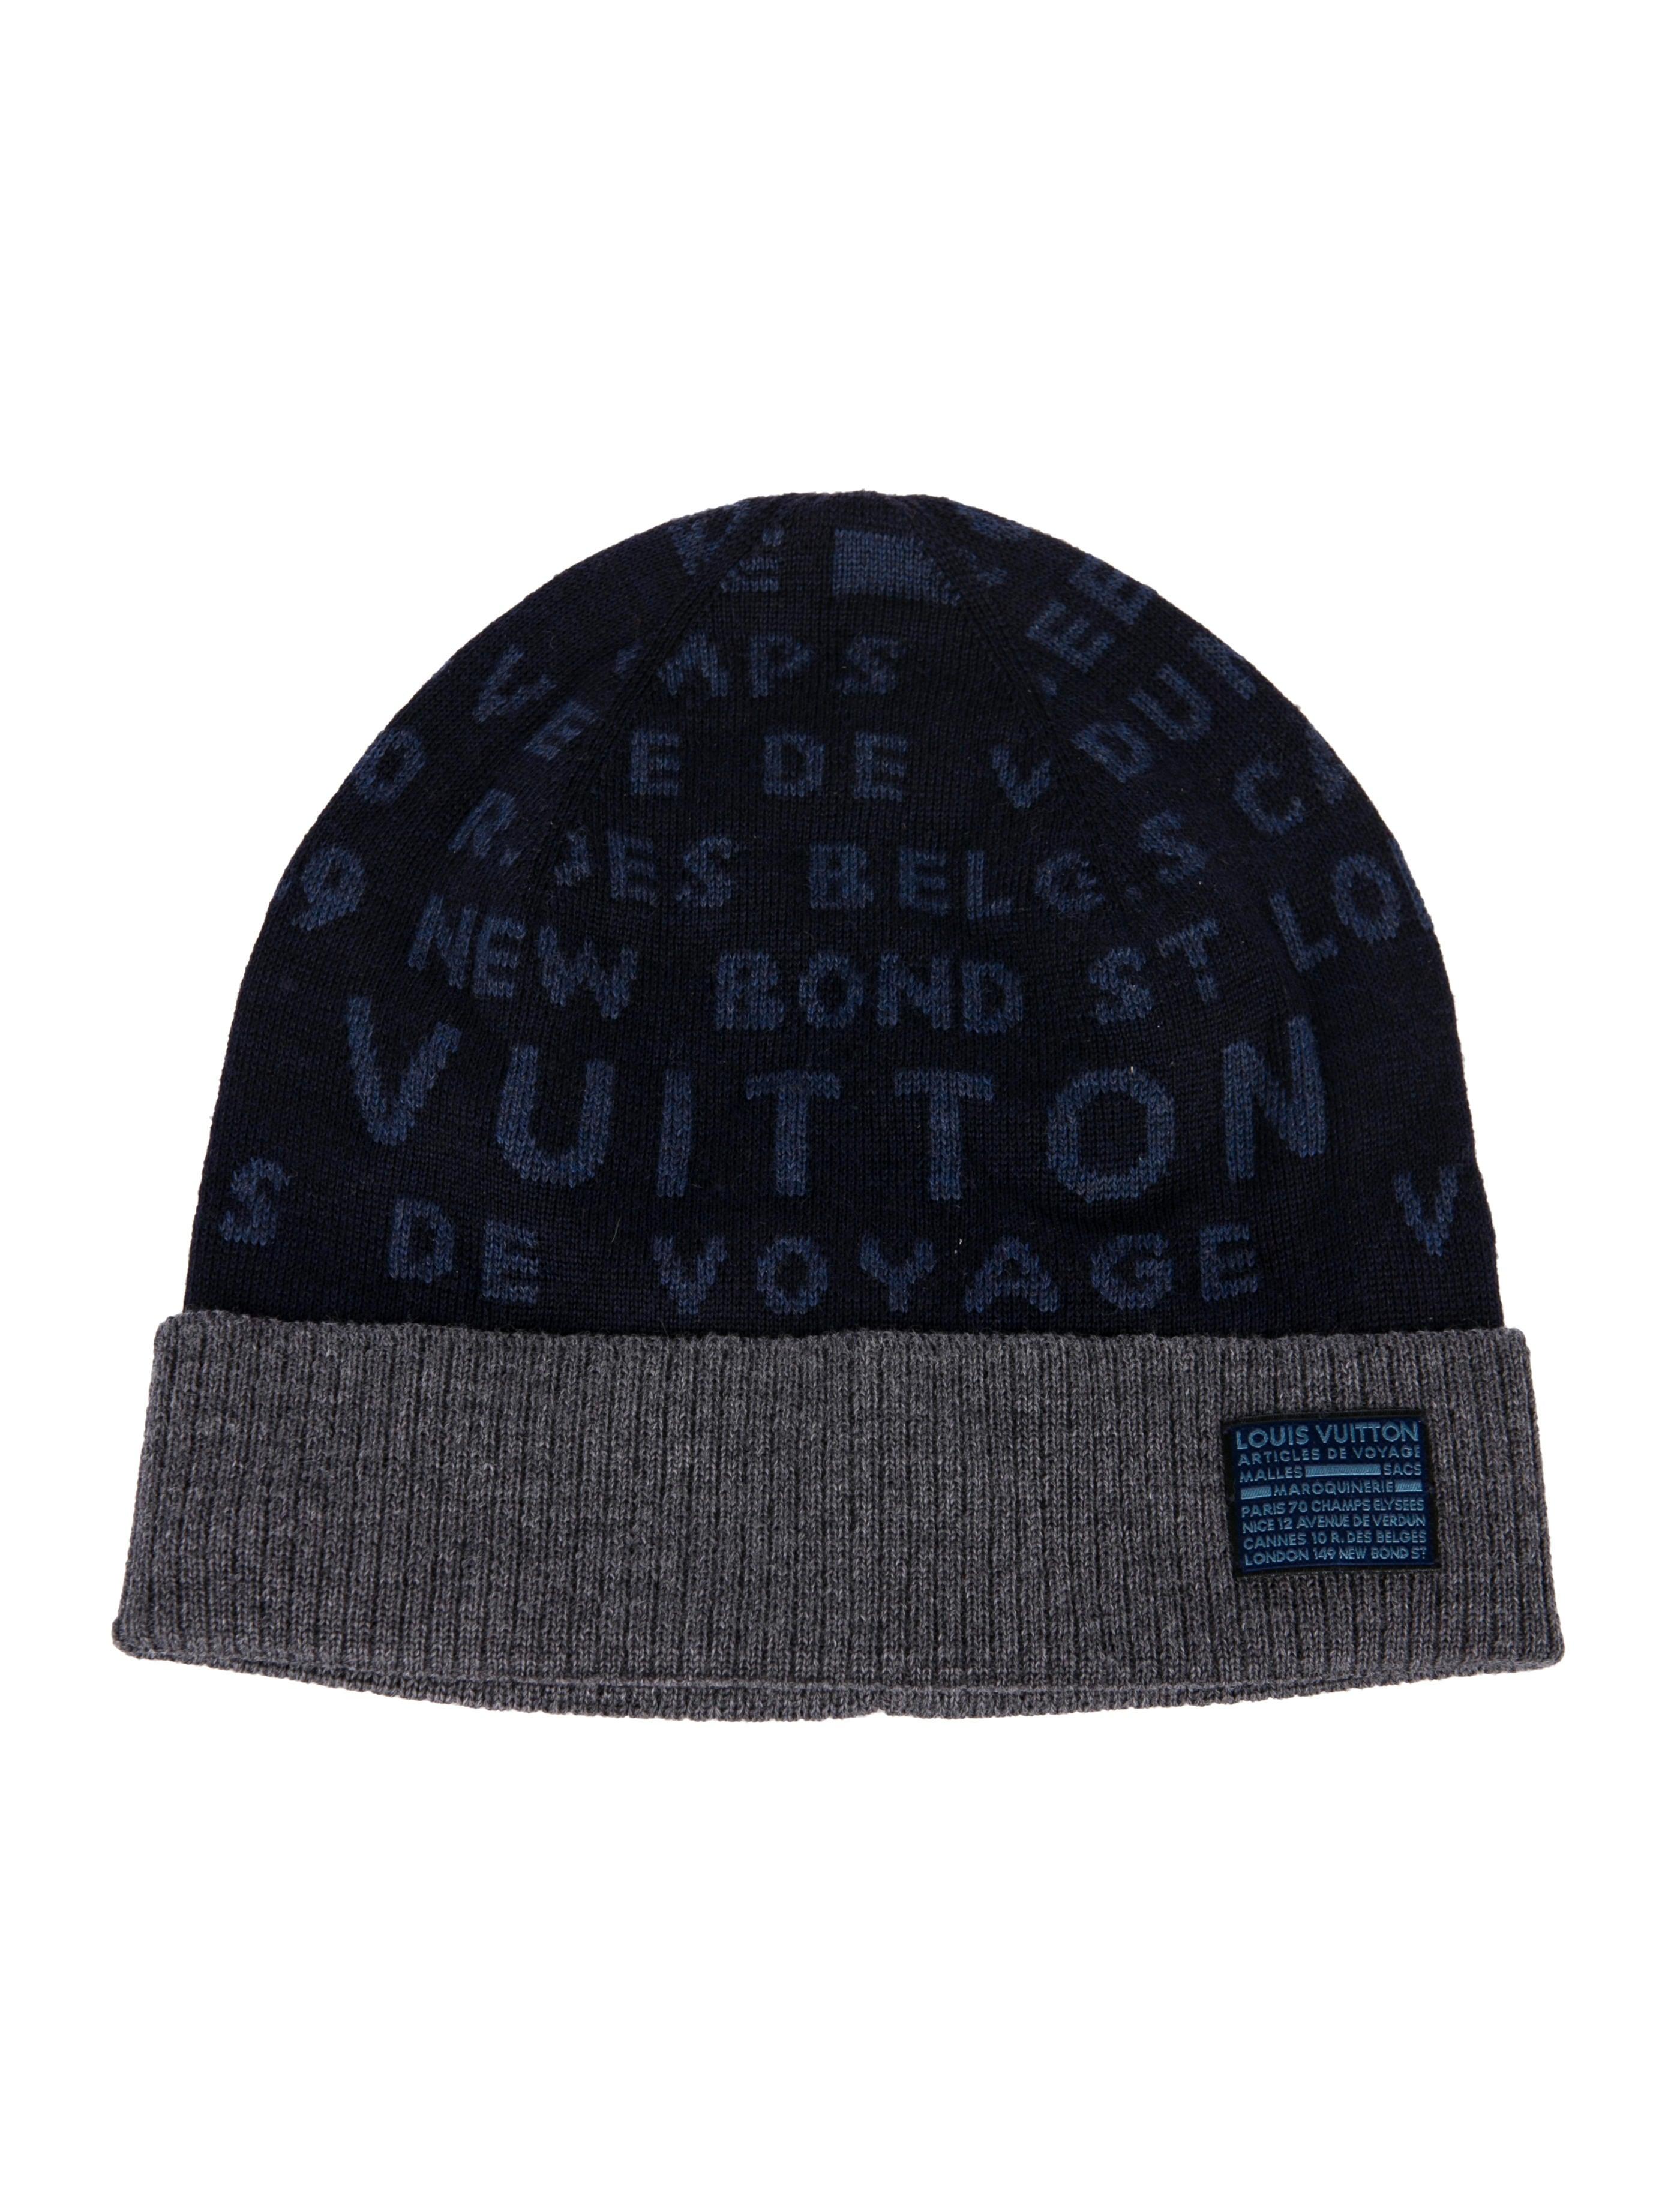 Louis Vuitton Article de Voyage Wool Beanie - Accessories ... b1f1899d08a